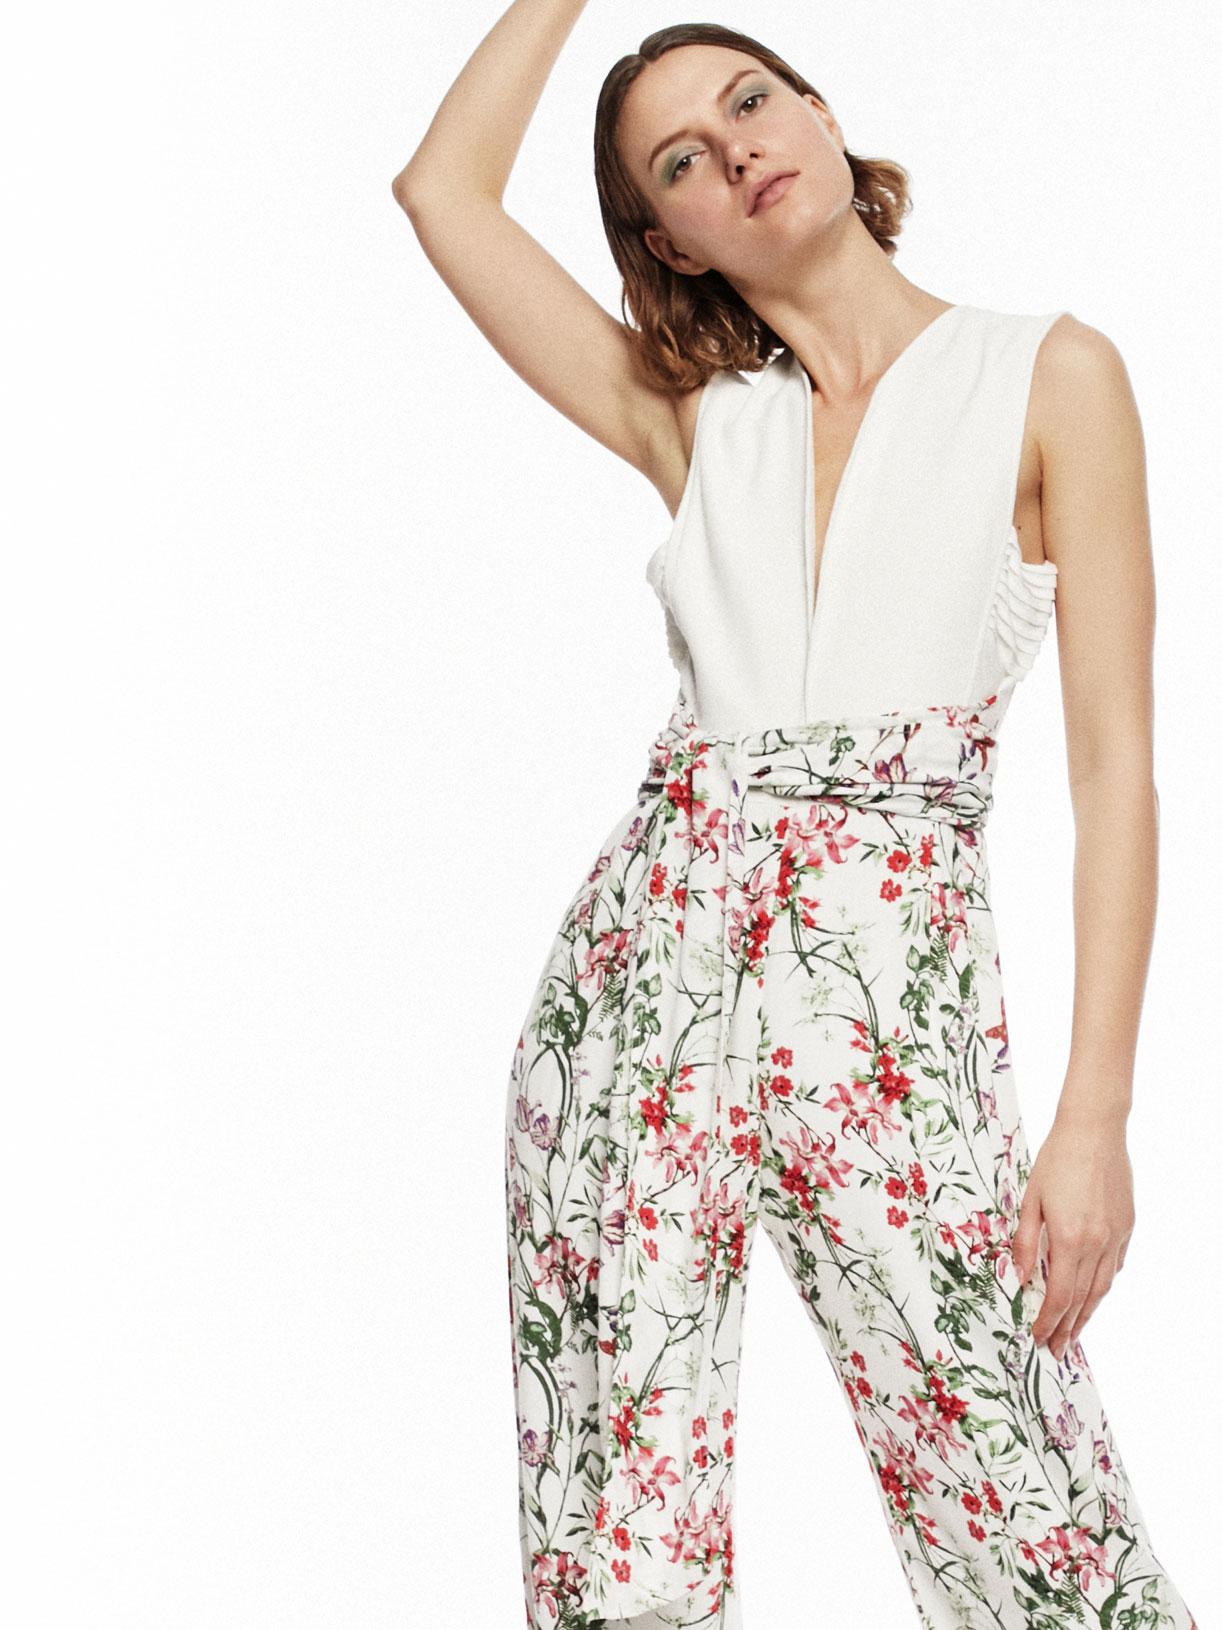 combinaison tenue d'invitée mariage motif fleuri écoresponsable - Creatrice de mode éthique et bio a Paris - Myphilosophy